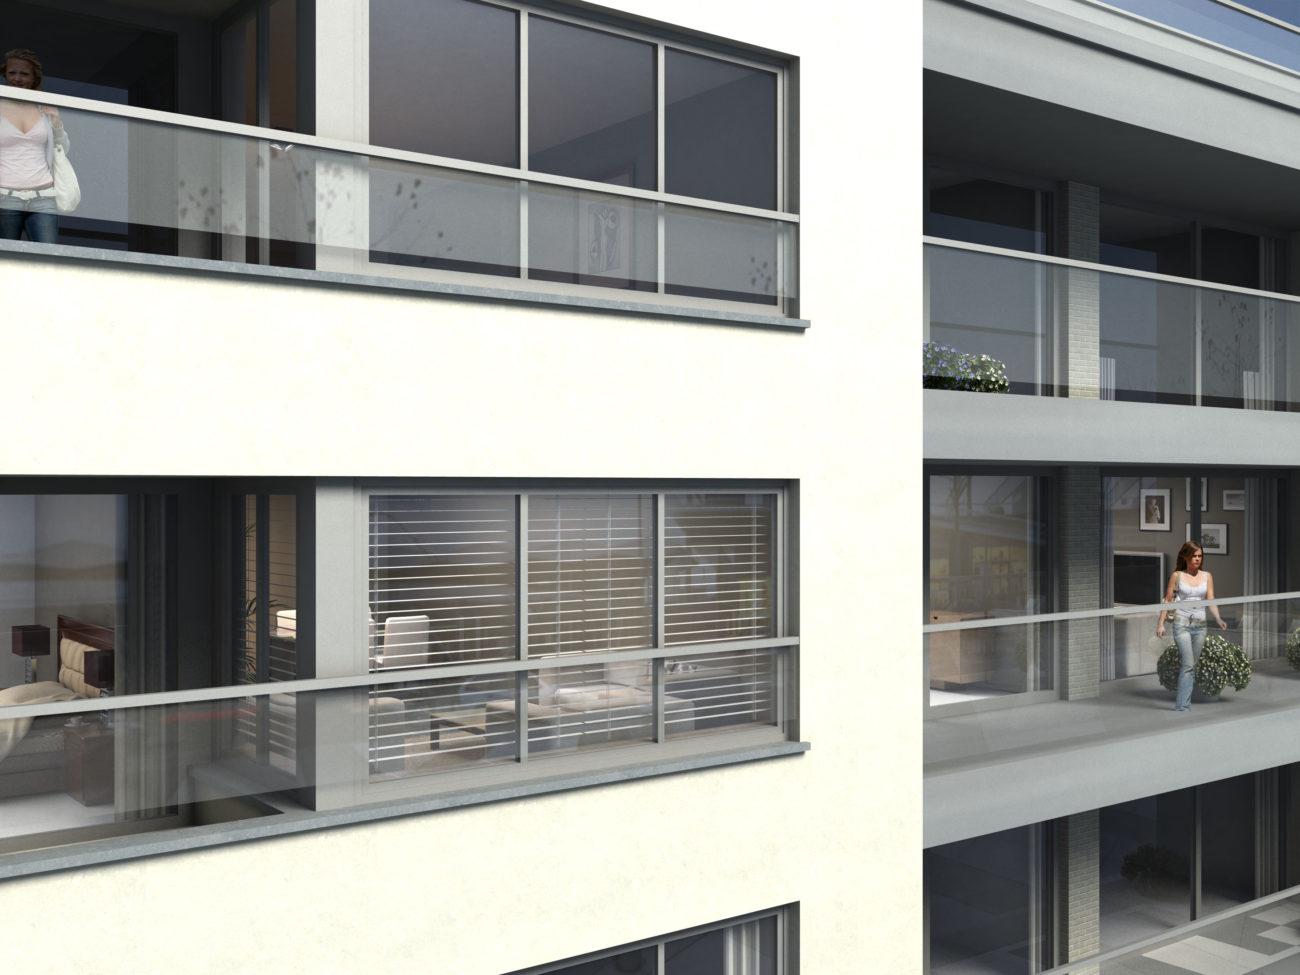 Nieuwbouw appartementen en handelsruimtes Plaza Express Sint-Niklaas